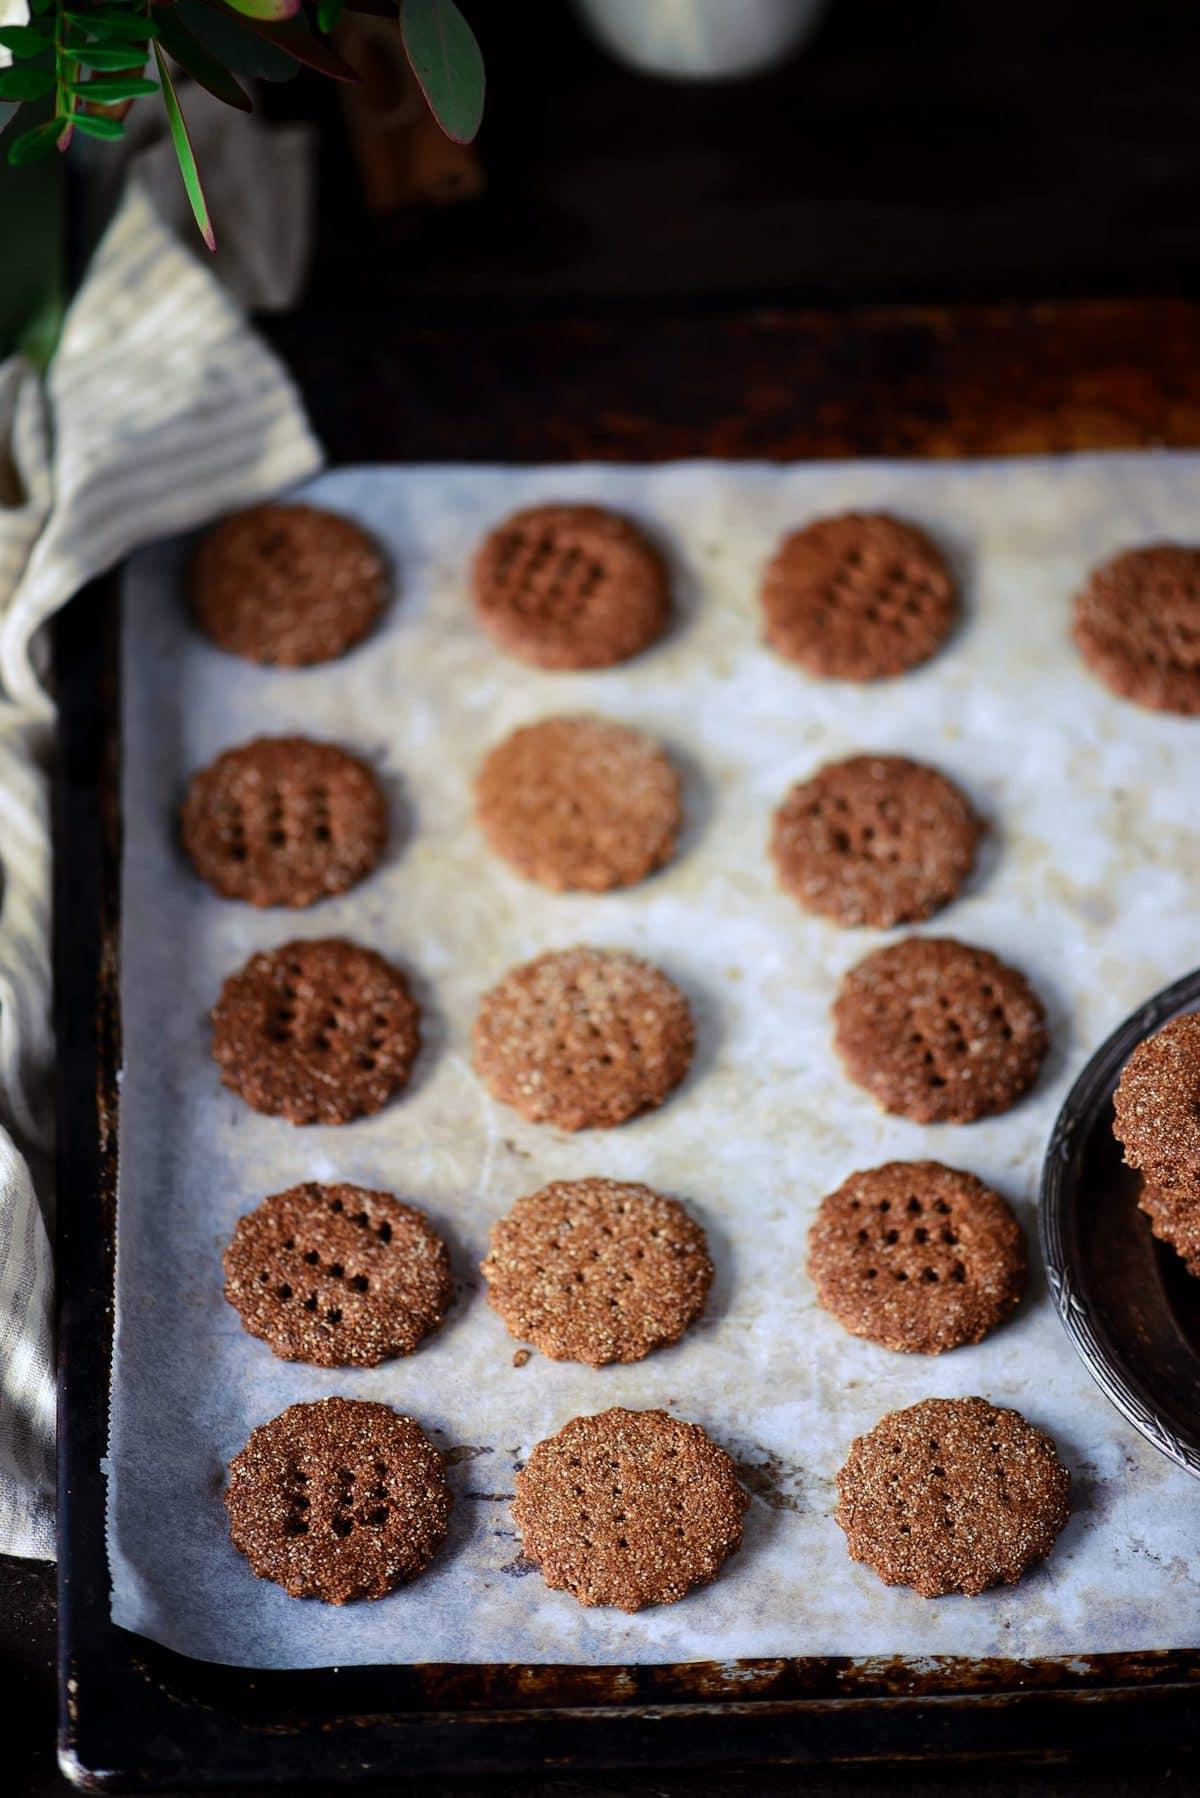 chocolate graham crackers with honey